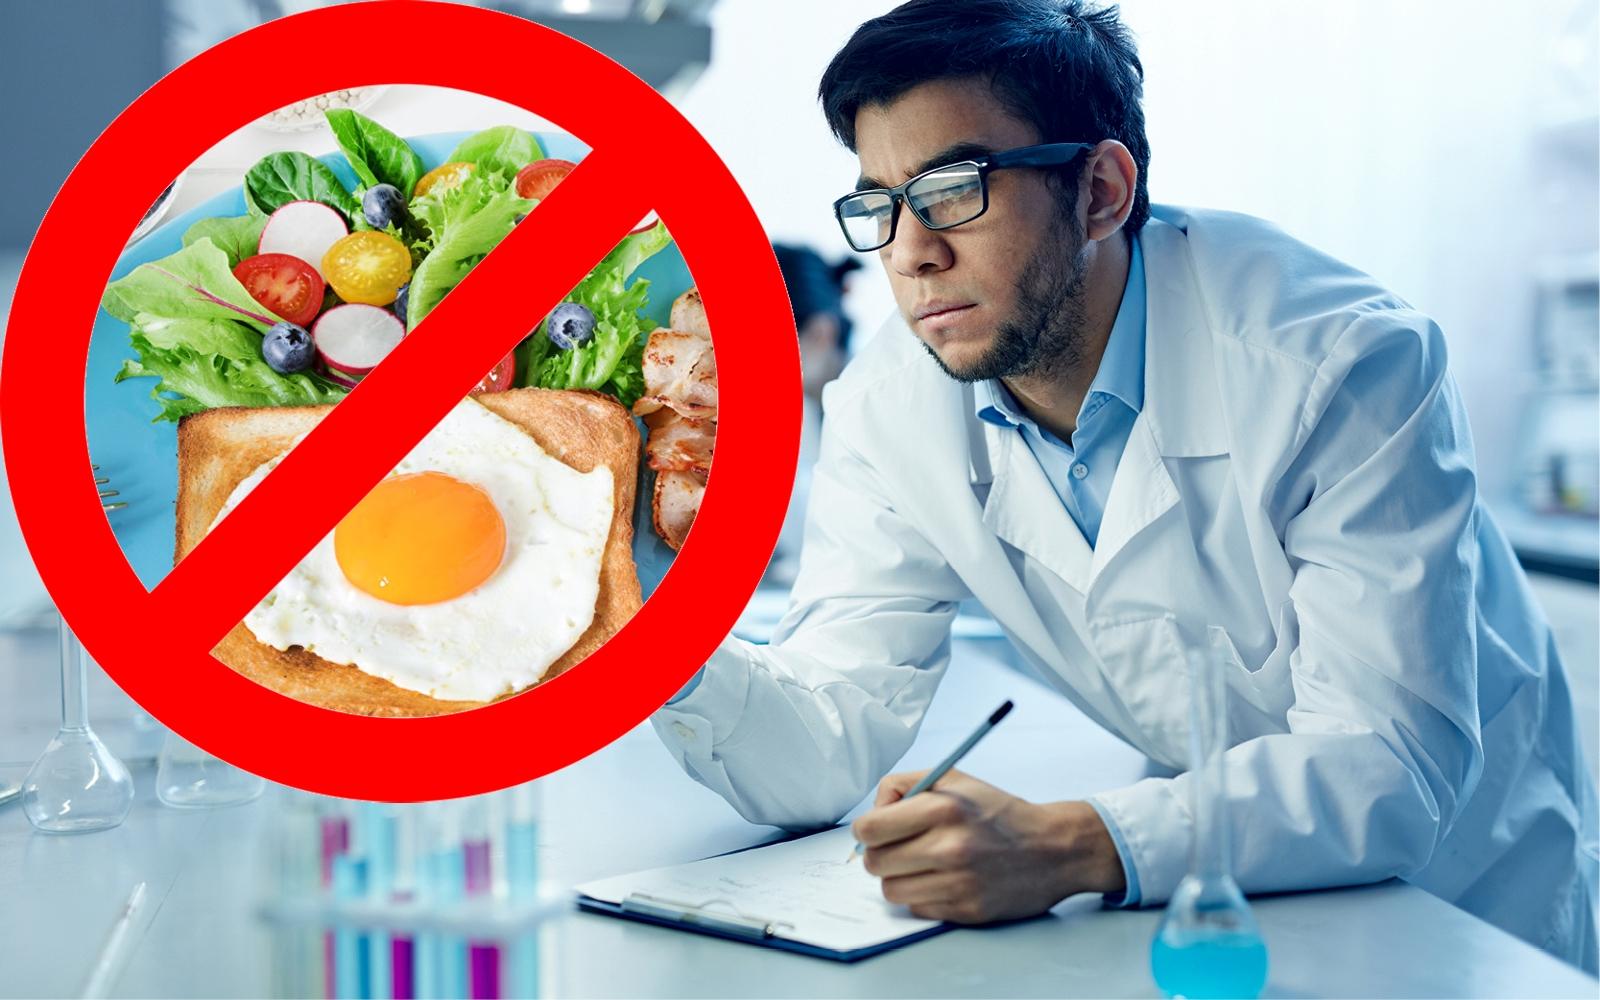 Как «британские ученые» называли завтраки «смертельно опасными»